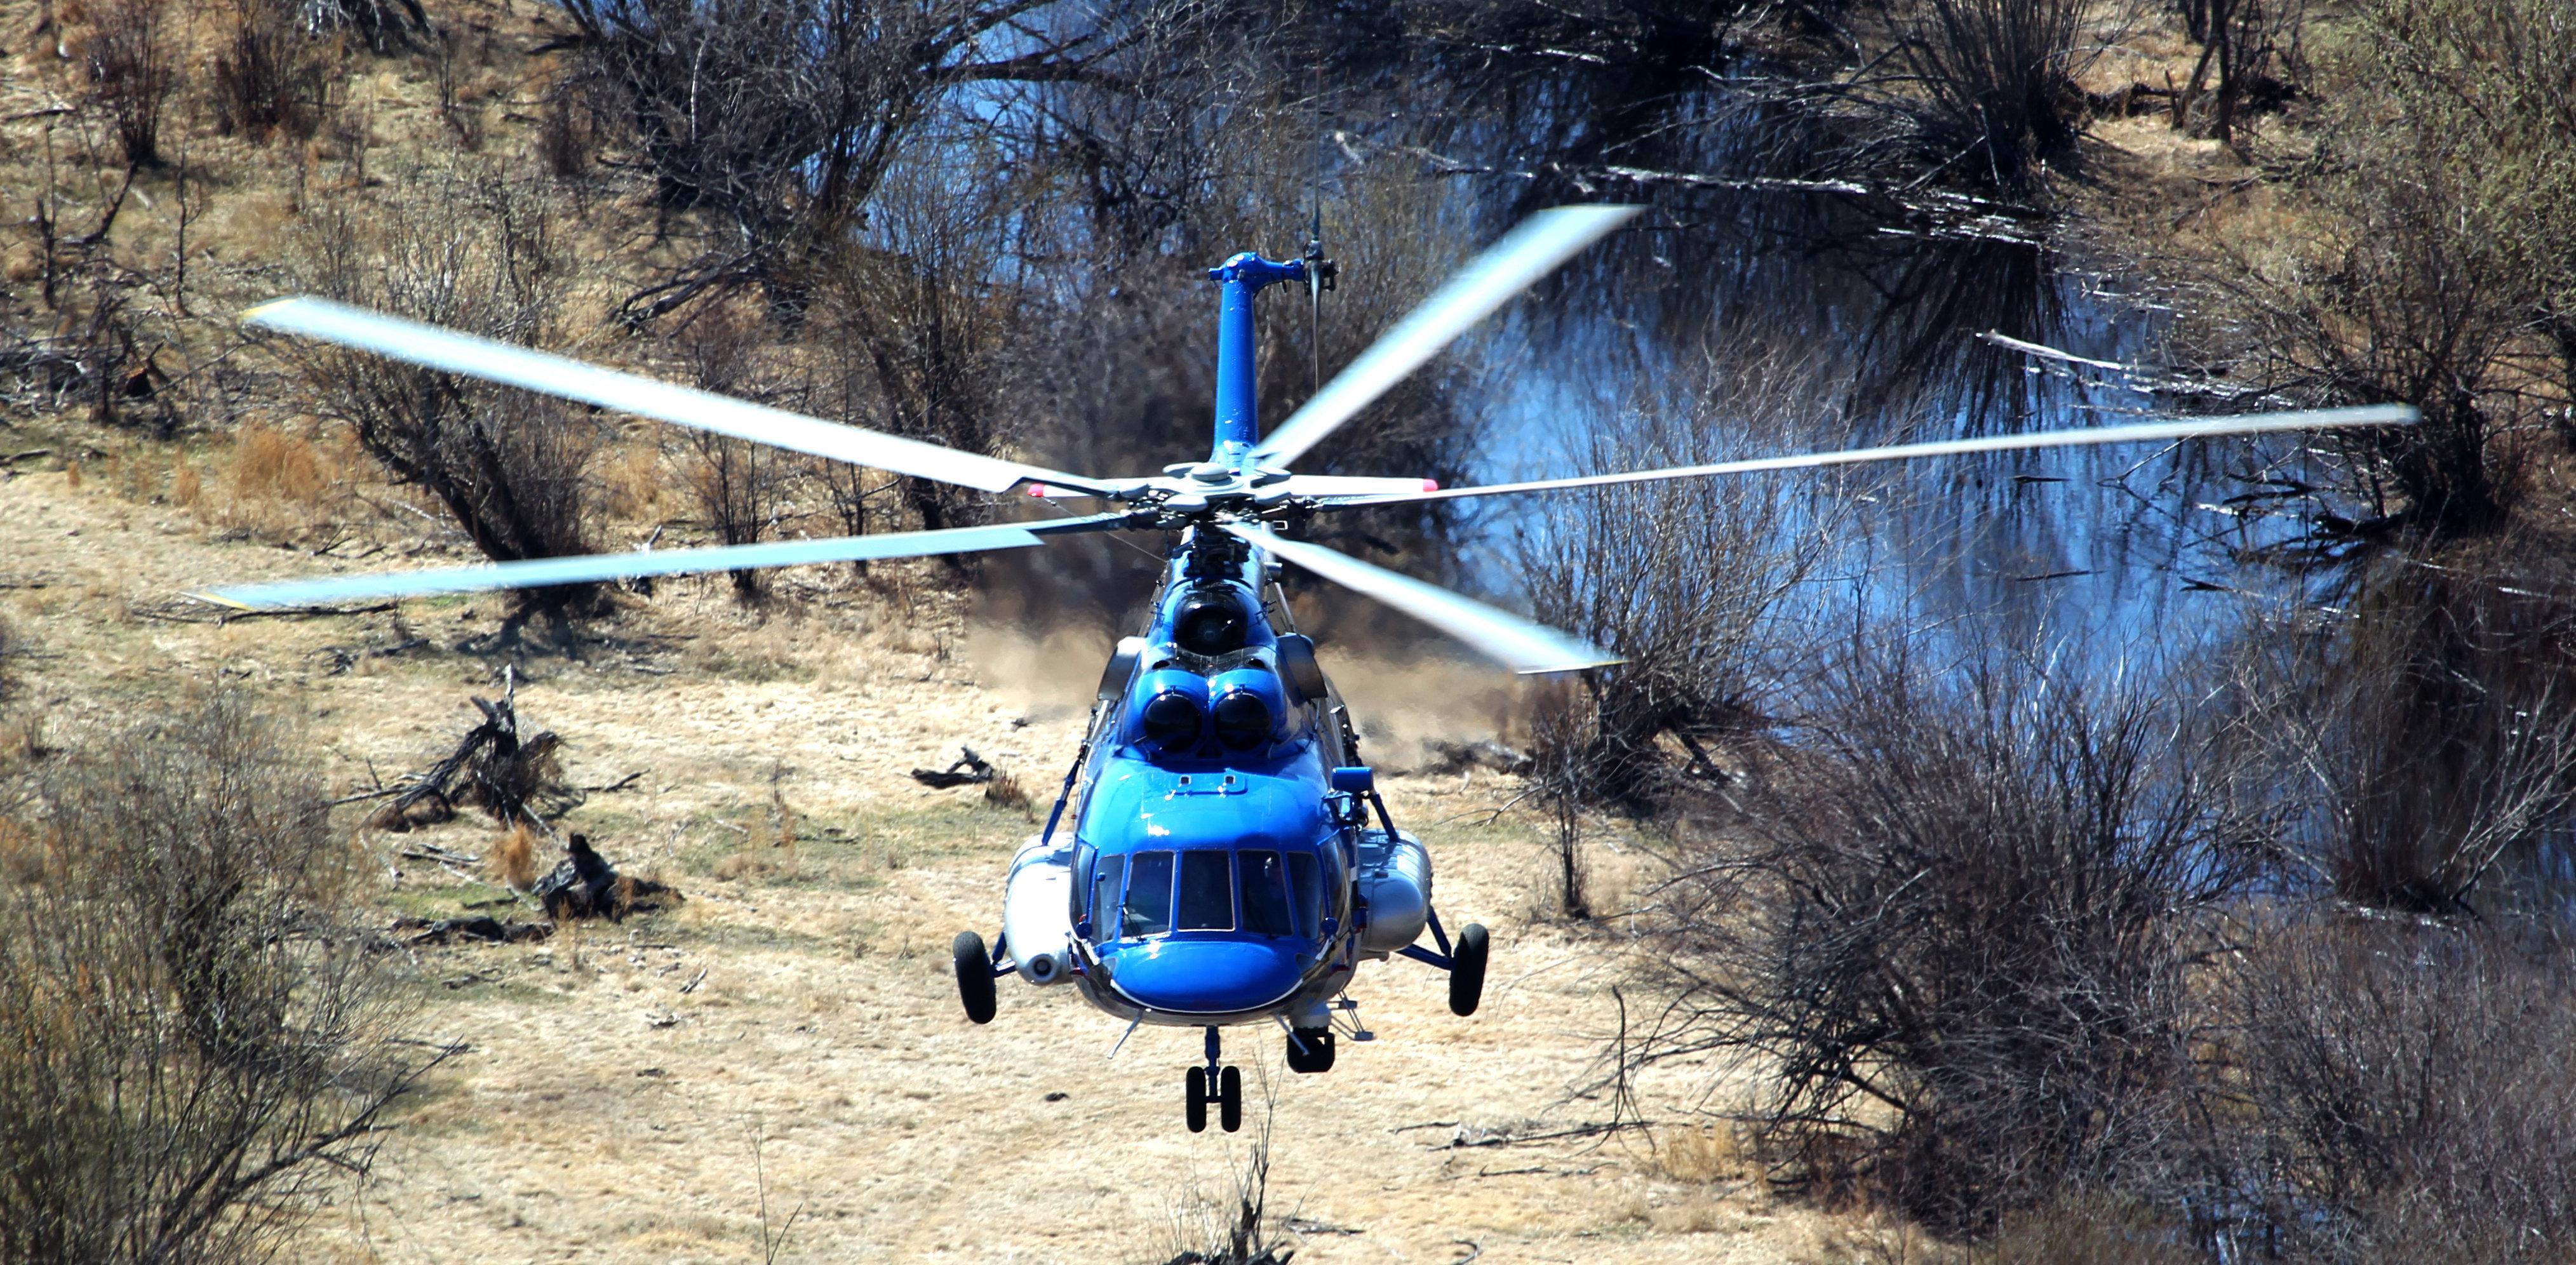 Nuevo helicoptero Mi-171A2 - Página 6 1076099098